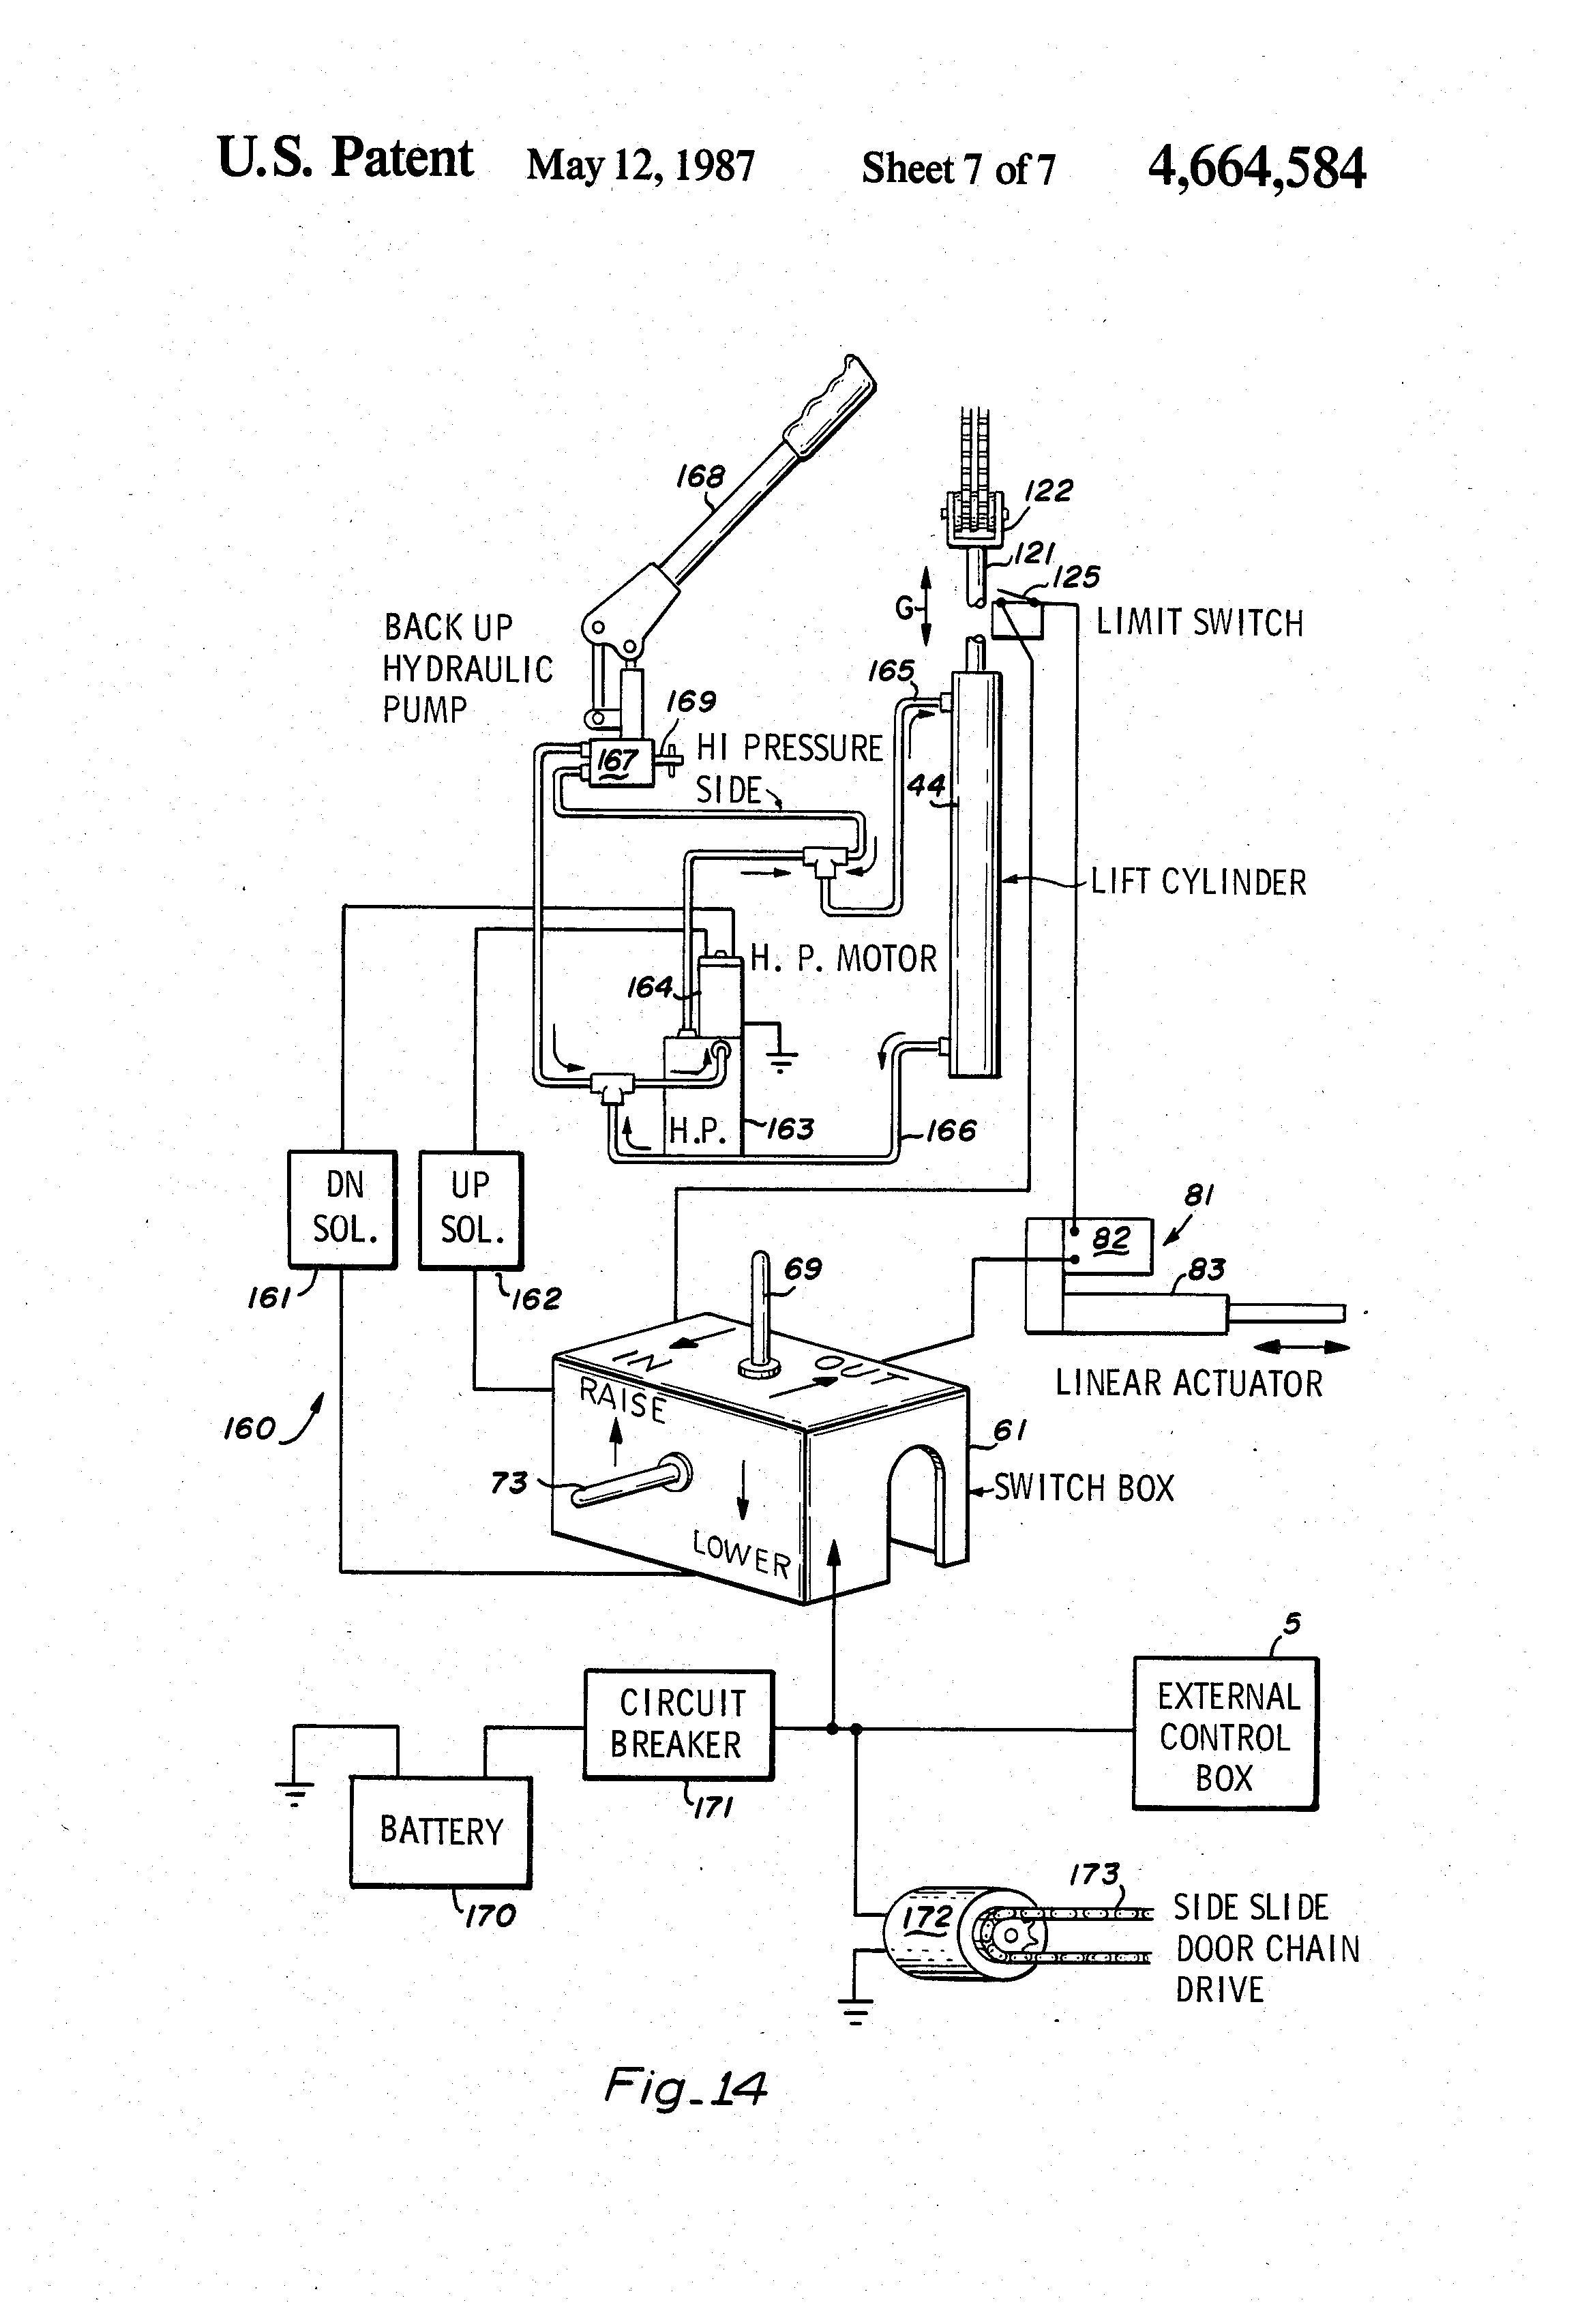 arctic cat jet ski wiring diagrams unique house wiring diagram photo diagram diagramsample  unique house wiring diagram photo